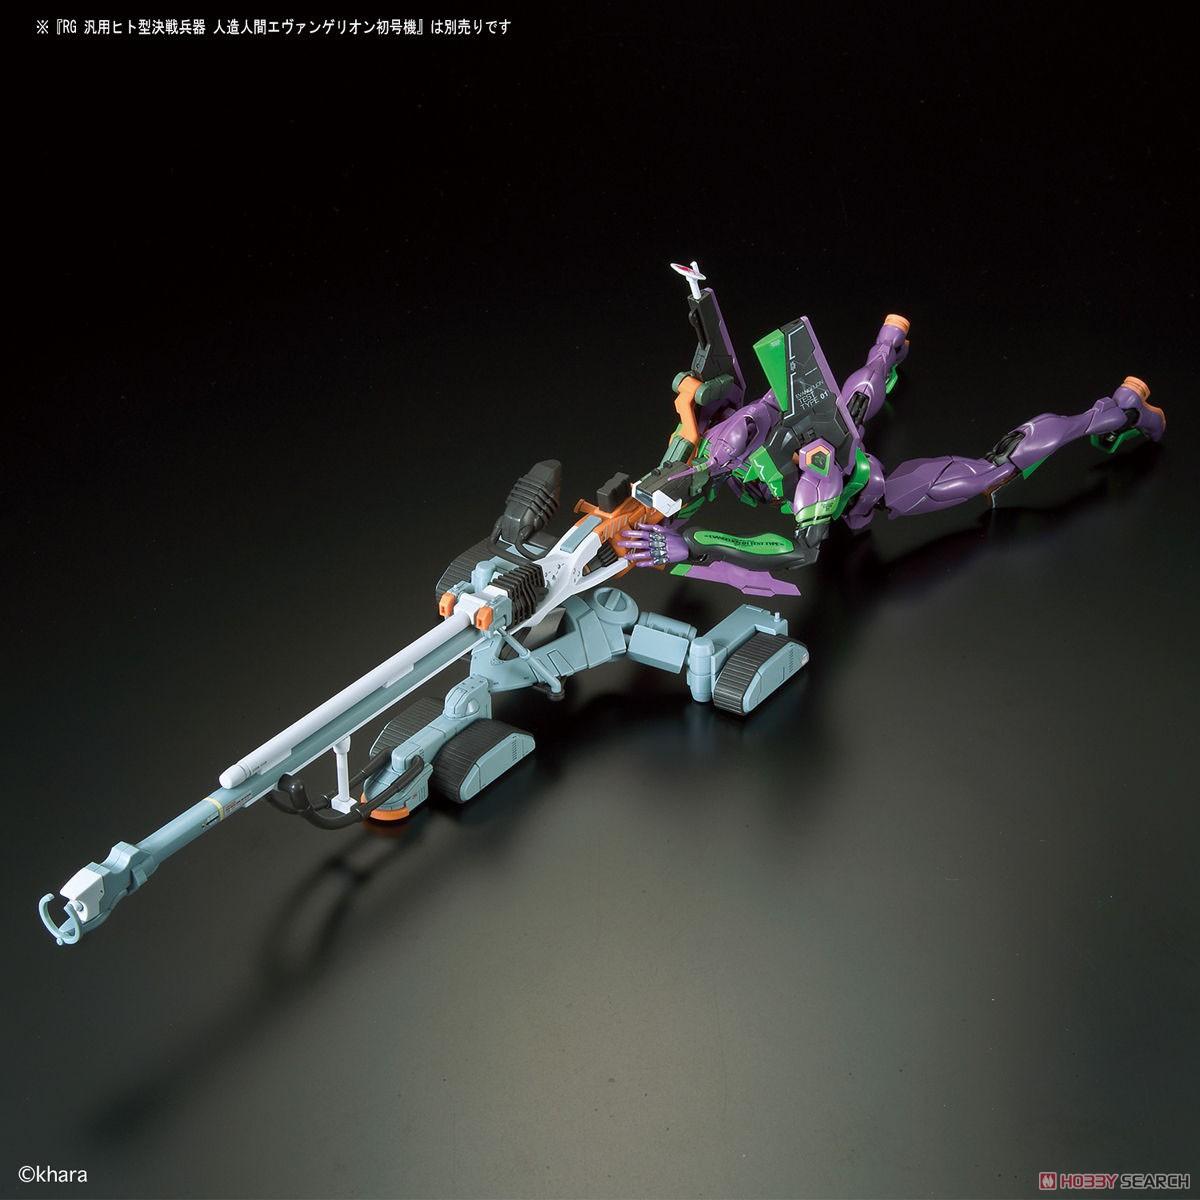 【再販】RG『汎用ヒト型決戦兵器 人造人間エヴァンゲリオン試作零号機DX 陽電子砲セット』プラモデル-019